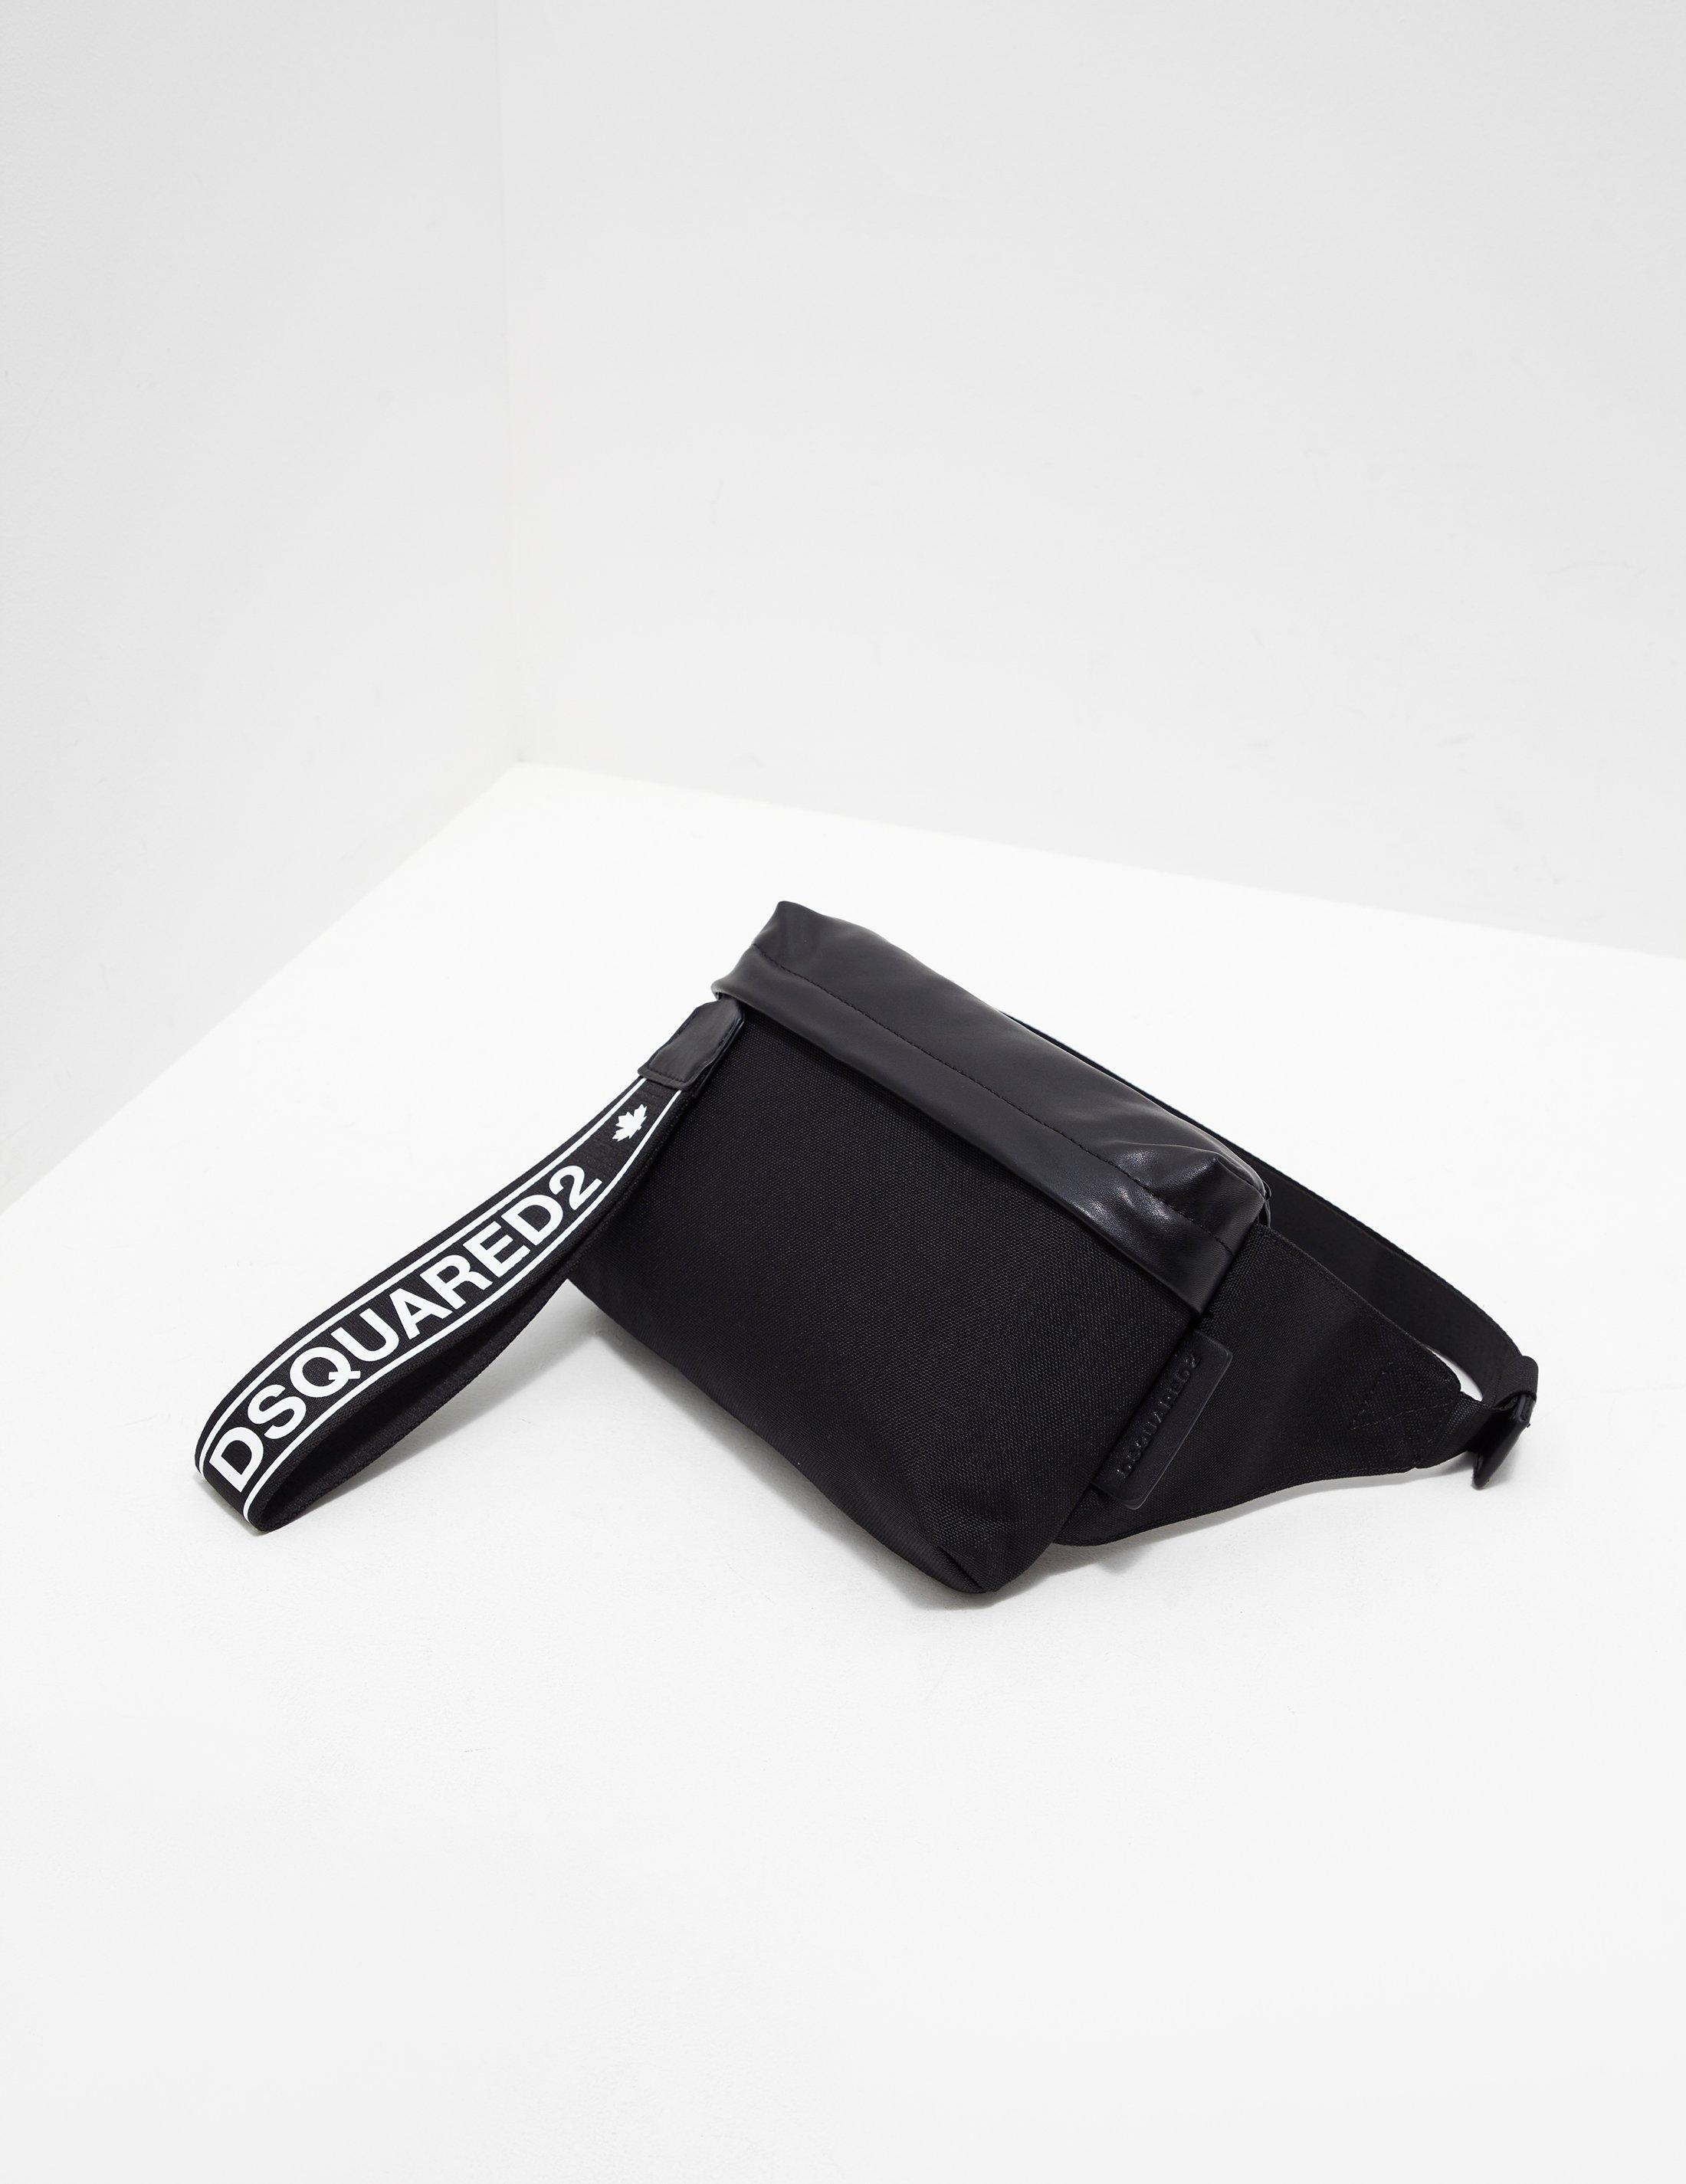 9abfe7cd6e DSquared² Strap Waist Bag Black in Black for Men - Lyst